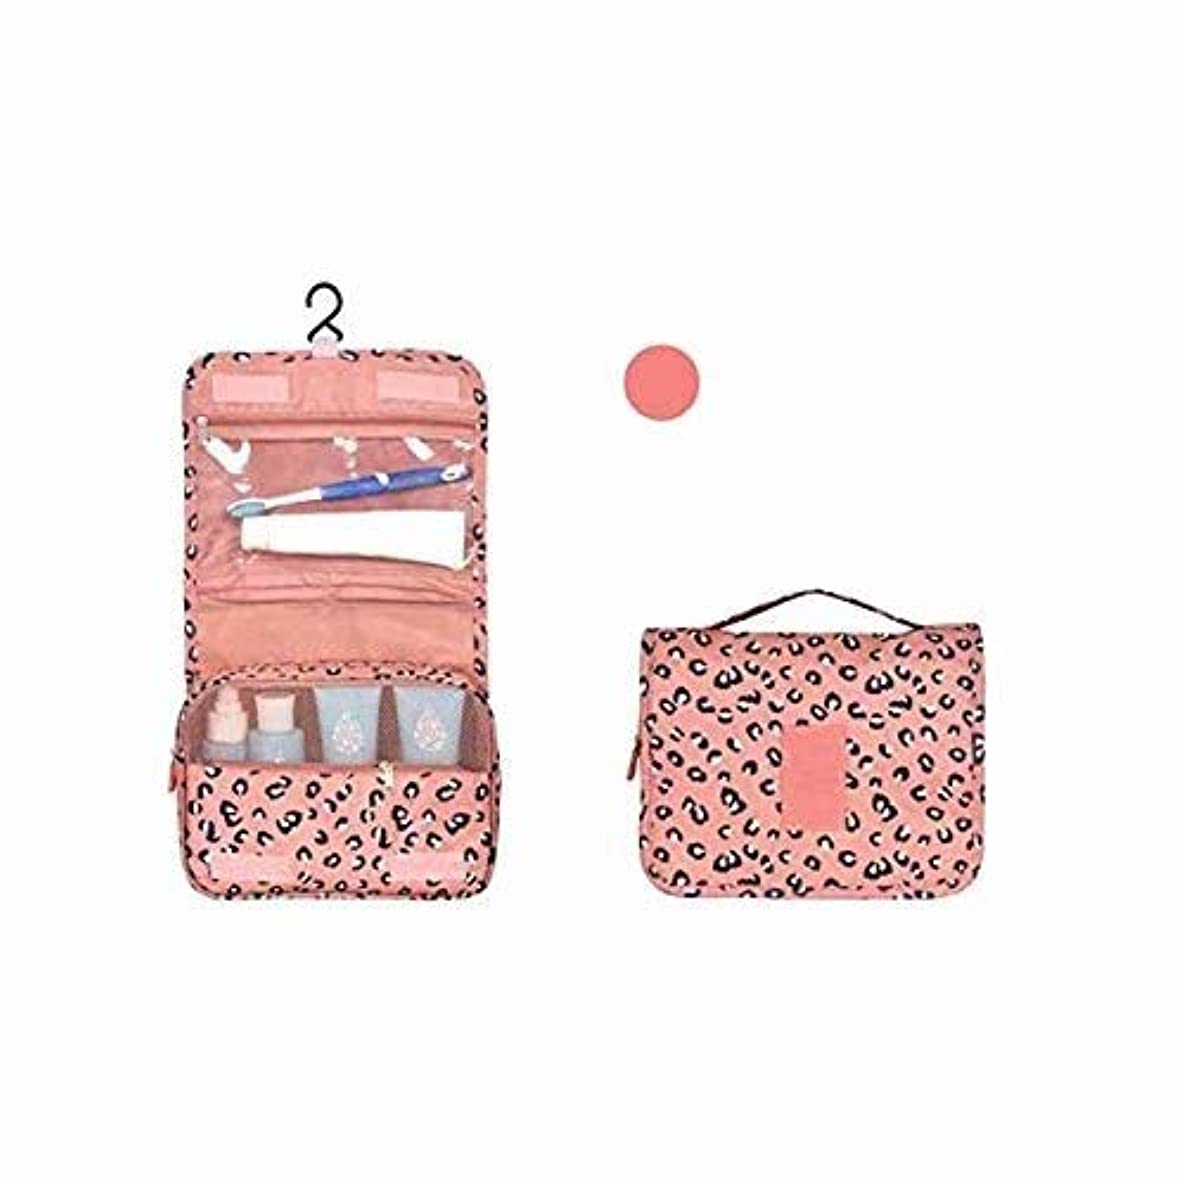 せがむ放射能配偶者トラベルバッグコスメティックコスメティックバッグトラベルバッグバスルームバッグマジックテープフック収納袋コスメティックバッグハンギングトラベル キットの内容:1個